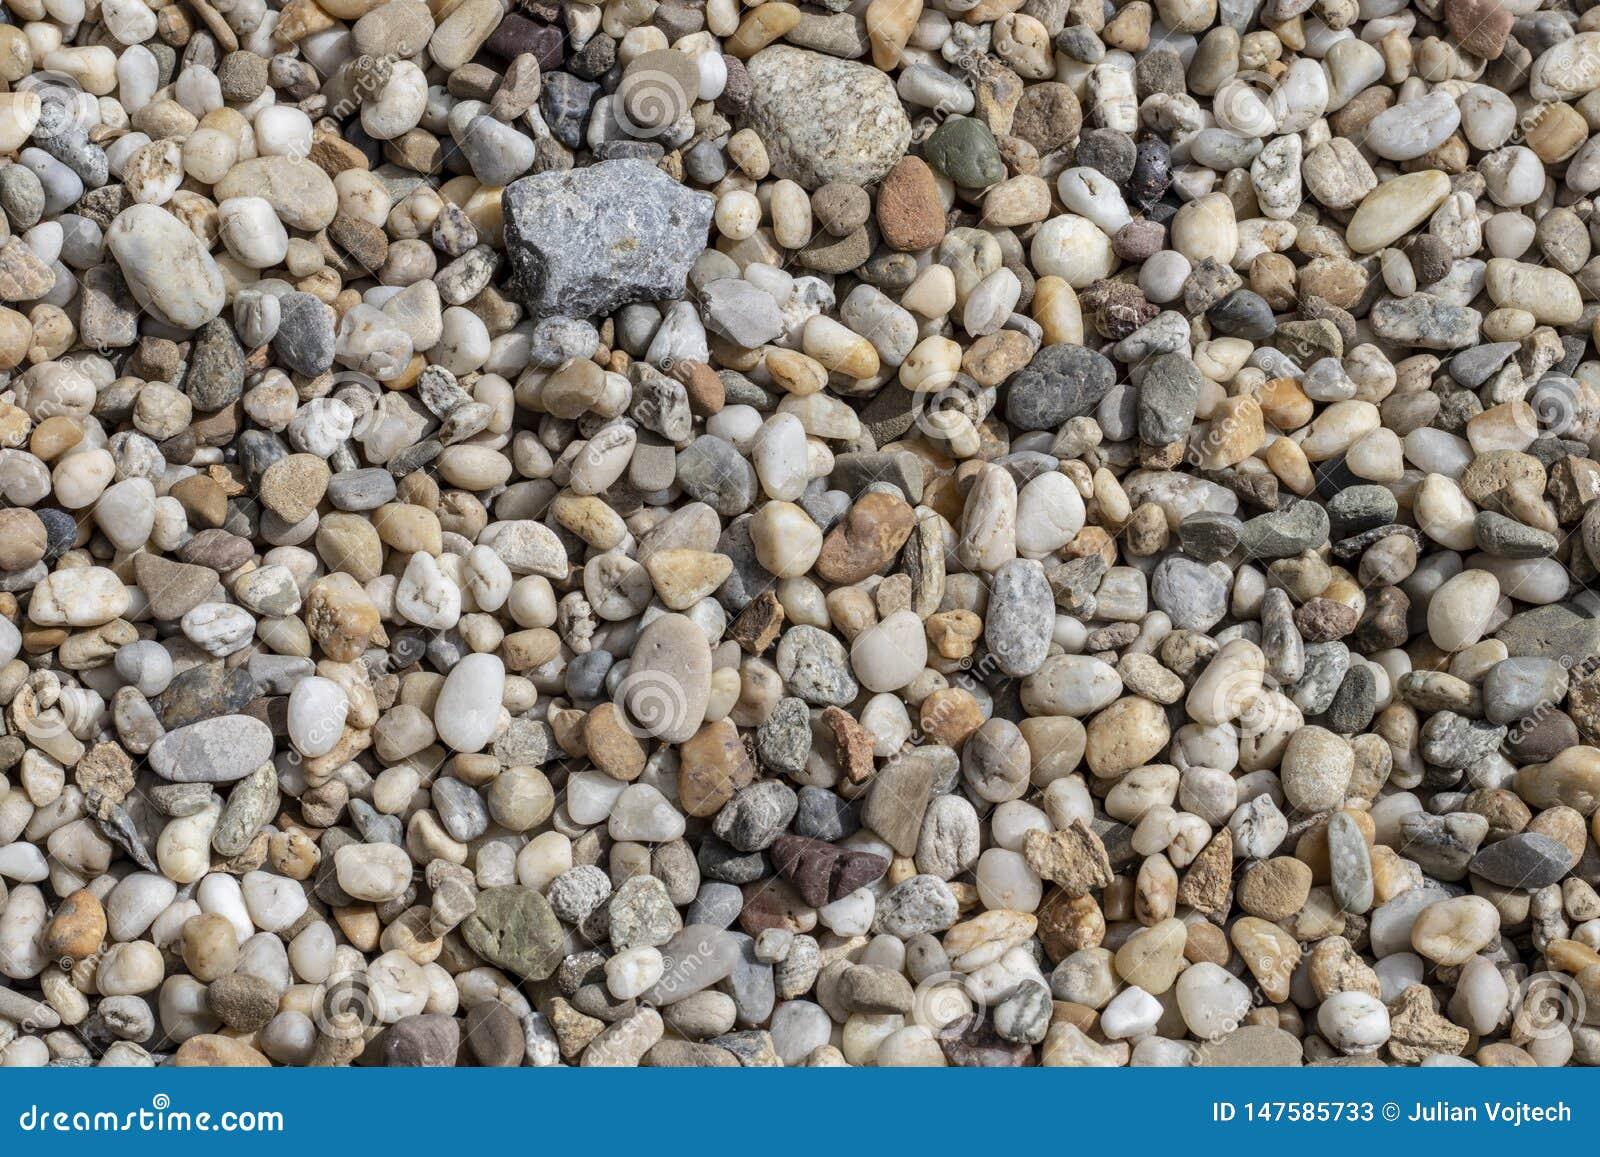 Grinttextuur Kleine stenen, kleine rotsen, kiezelstenen in vele schaduwen van grijs, wit, bruin, groen en blauw